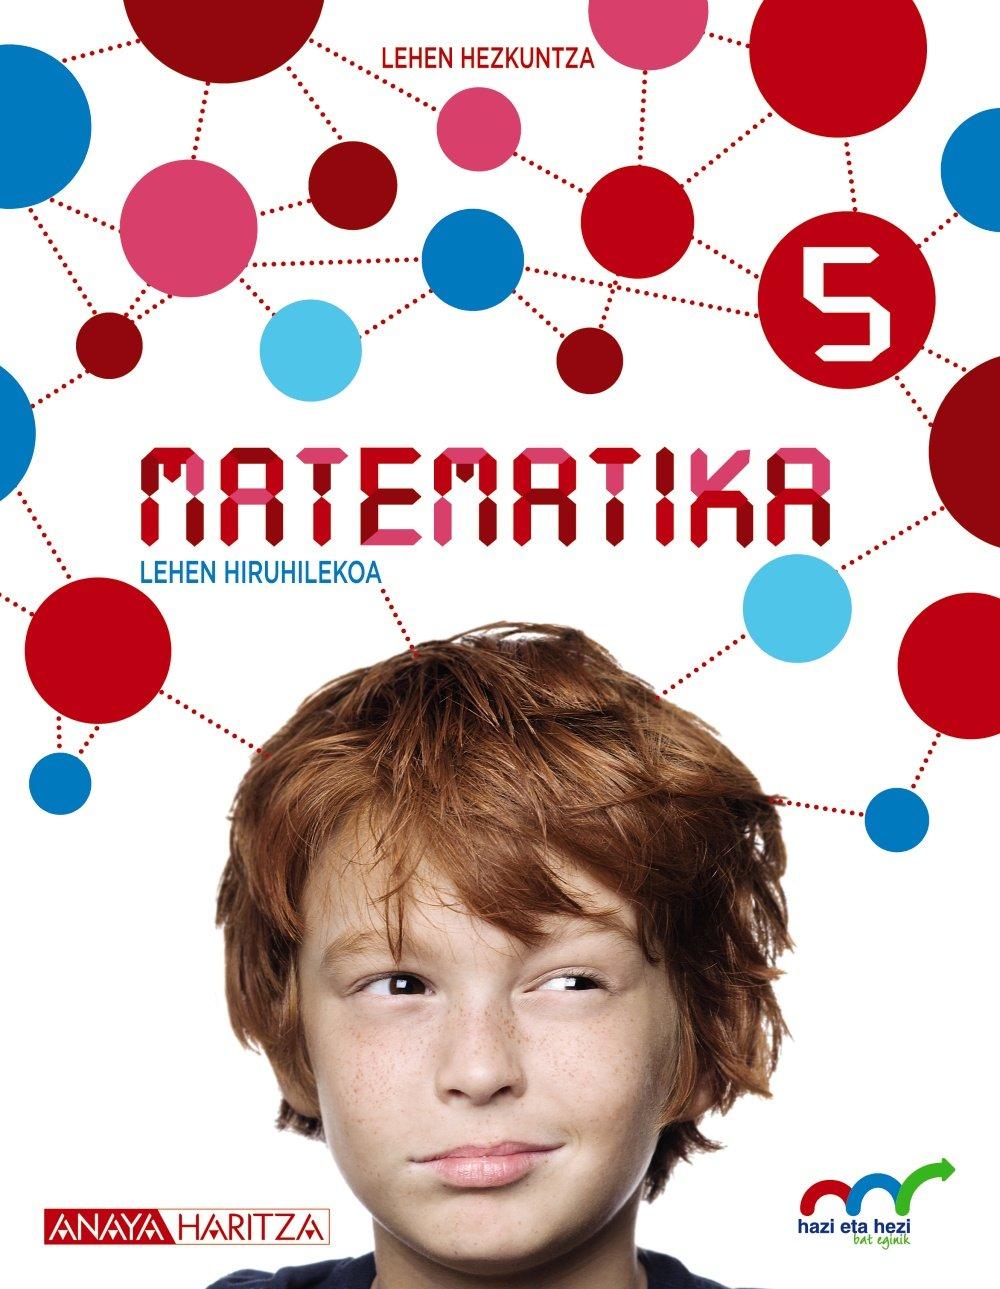 Matematika 5. (Hazi eta hezi bat eginik) Text fb2 ebook